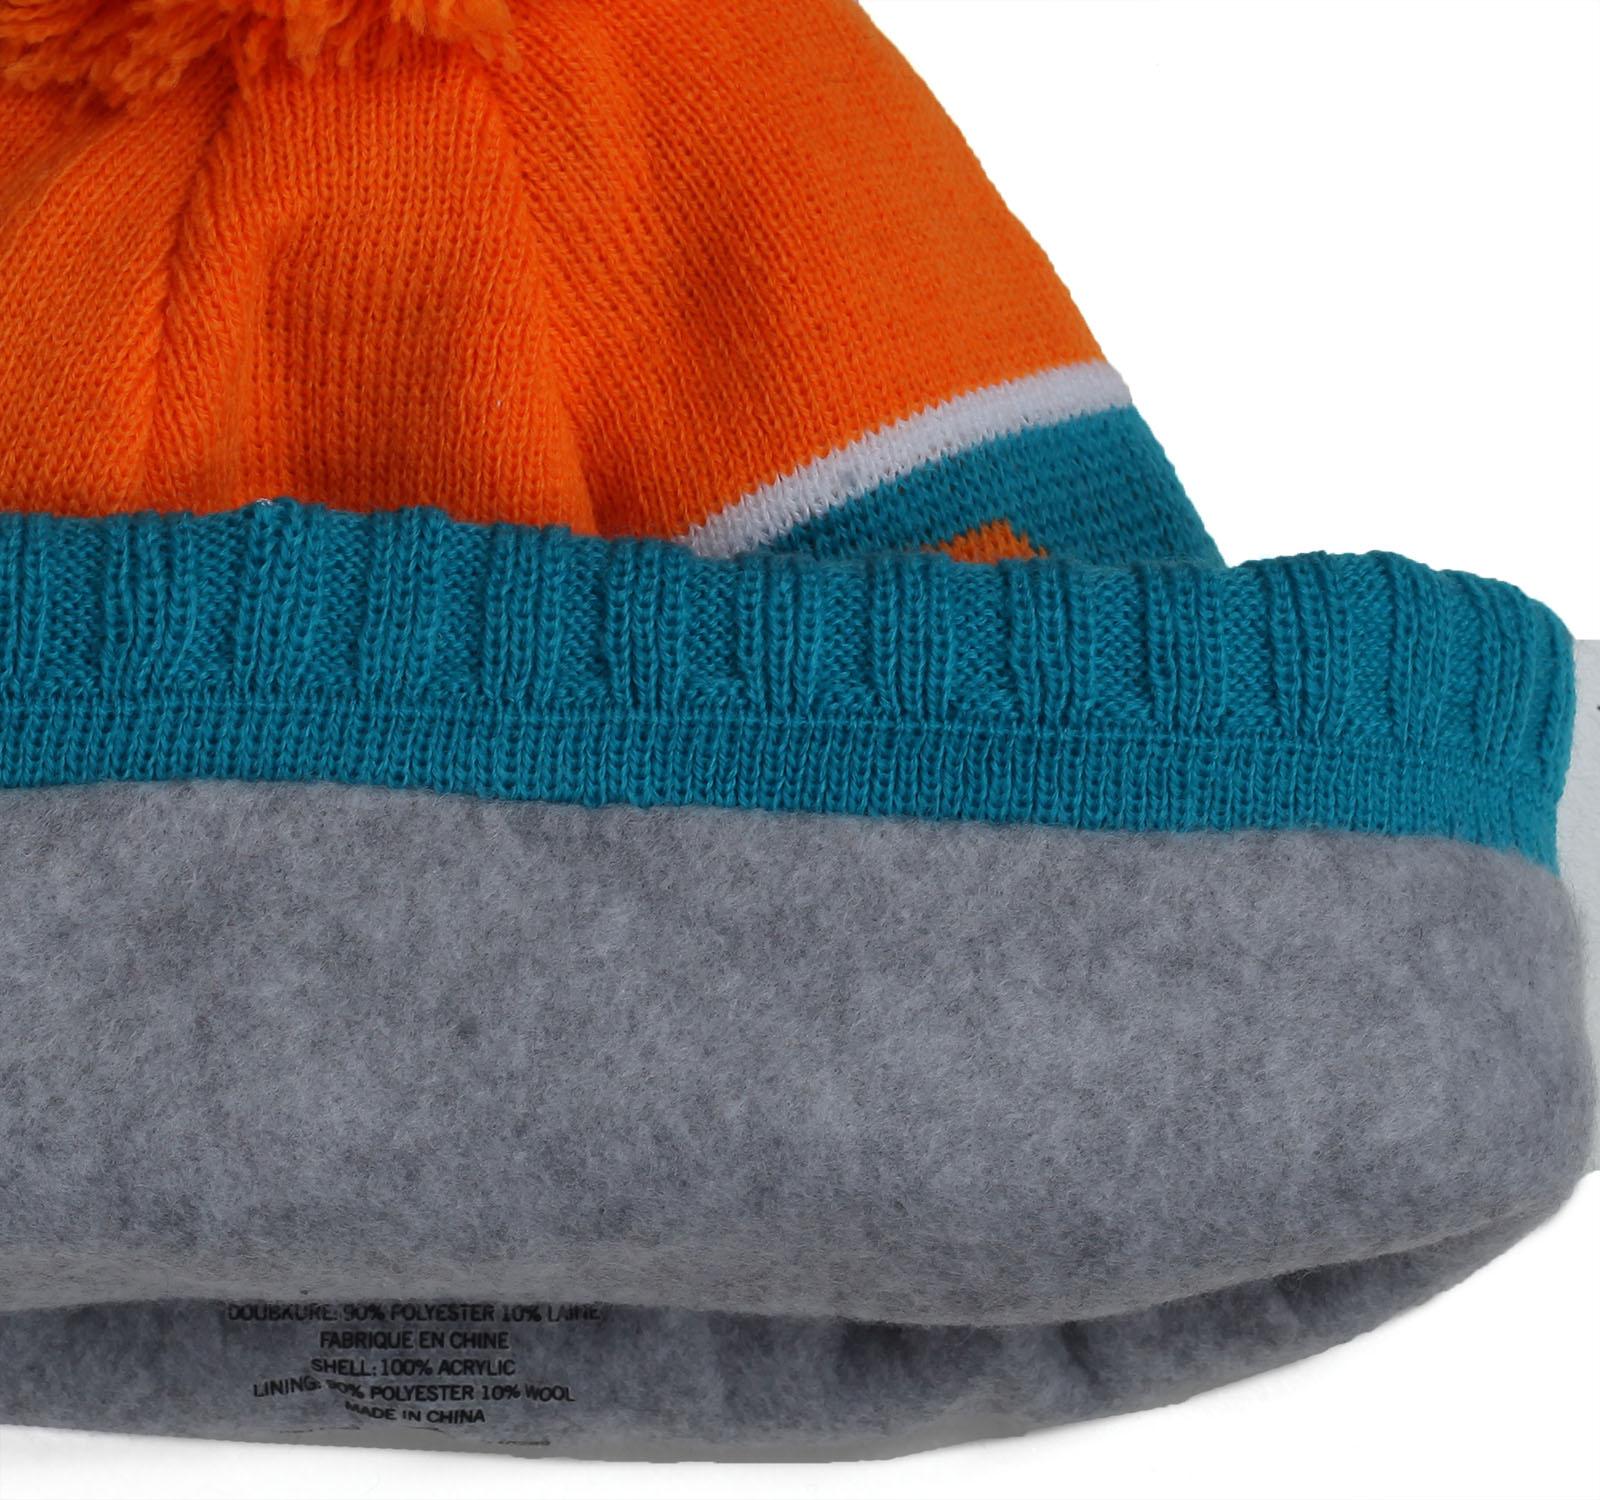 Купить функциональную красочную женскую зимнюю шапку на флисе для прогулок и для занятий спортом по лучшей цене